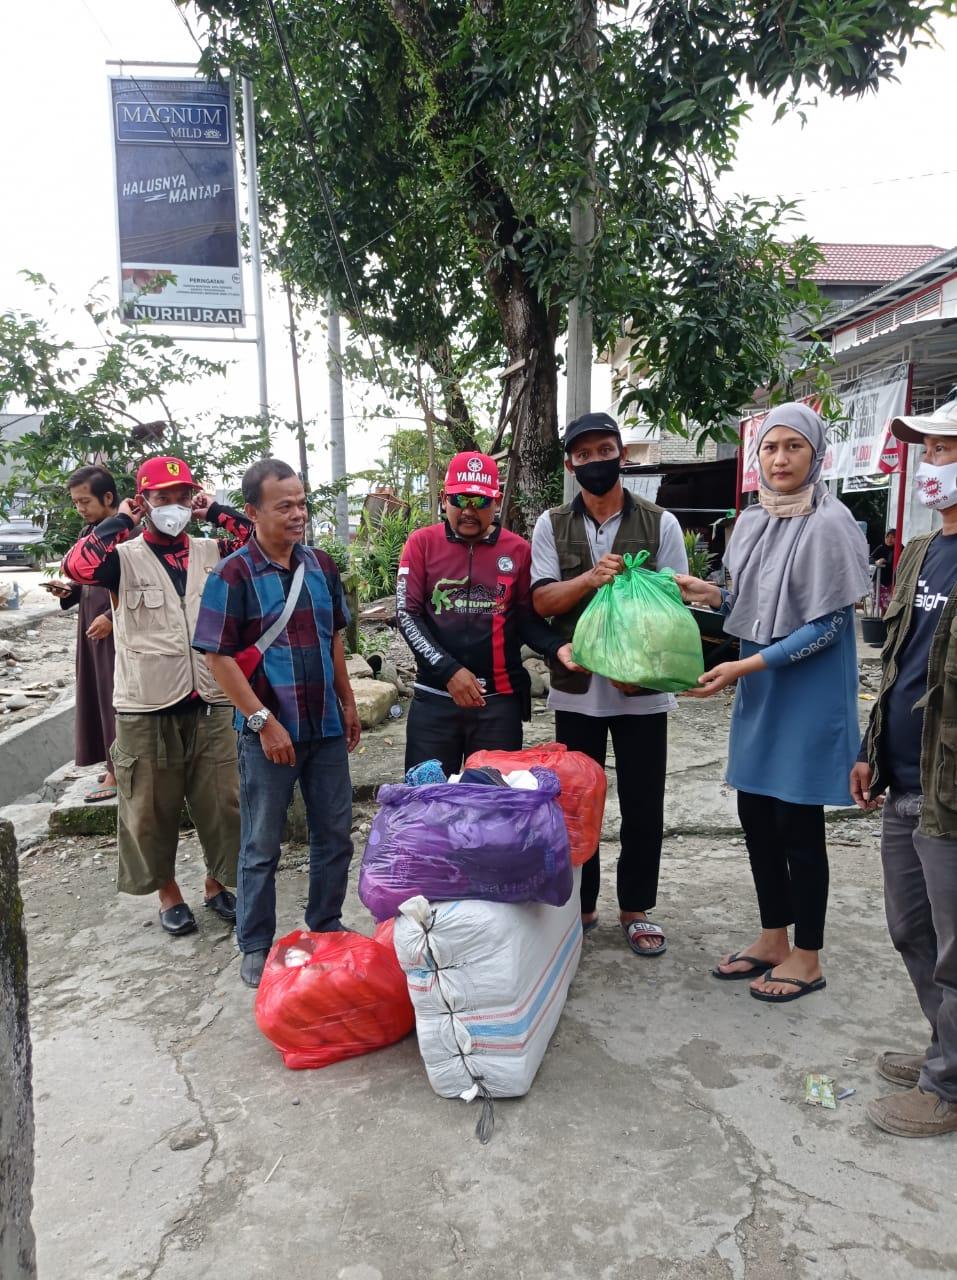 Bantuan Logistik Jamaah Masjid Nurul Tijarah Sinjai dan BAZNAS Telah Diterima Korban Bencana Masamba